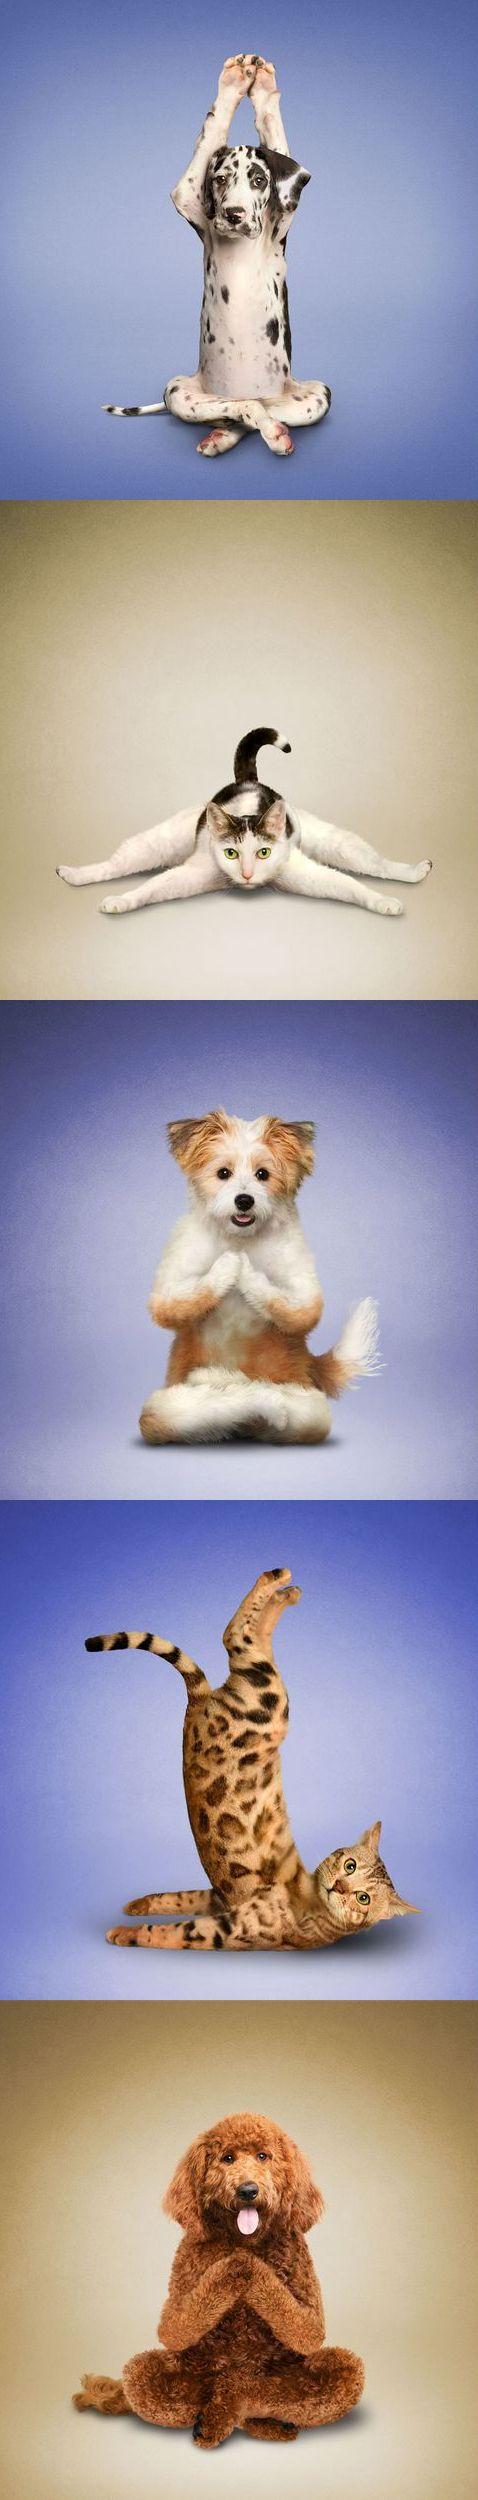 La position du lotus, la posture de l'aigle, des étirements divers et variés... Qui savait les animaux de compagnie aussi flexibles? Evidemment, ces images du photographe Dan Borris sont des montages, mais elles n'en sont pas moins drôles pour autant. L'idée lui est venue lorsqu'une amie lui a demandé de la photographier en pleine séance de yoga pendant que son chien l'embêtait. Cinq ans plus tard, en 2005, ces images figuraient dans un calendrier.